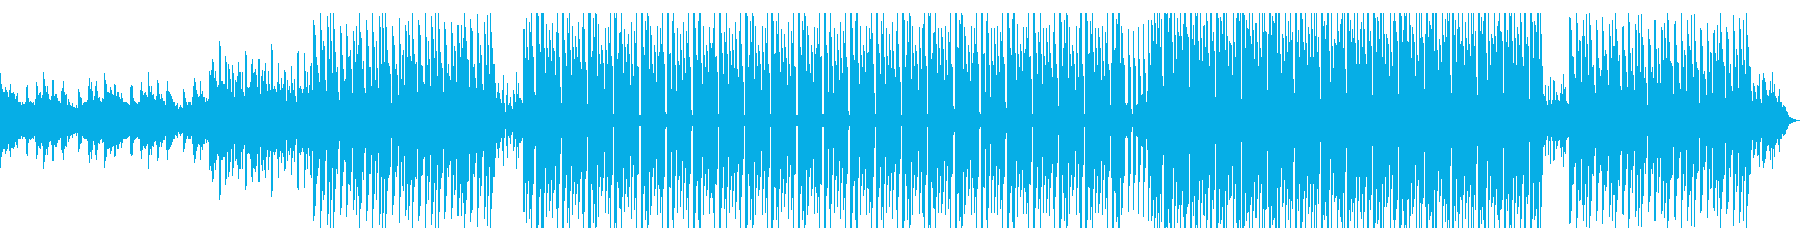 音数少なめのお洒落なディープハウスの再生済みの波形